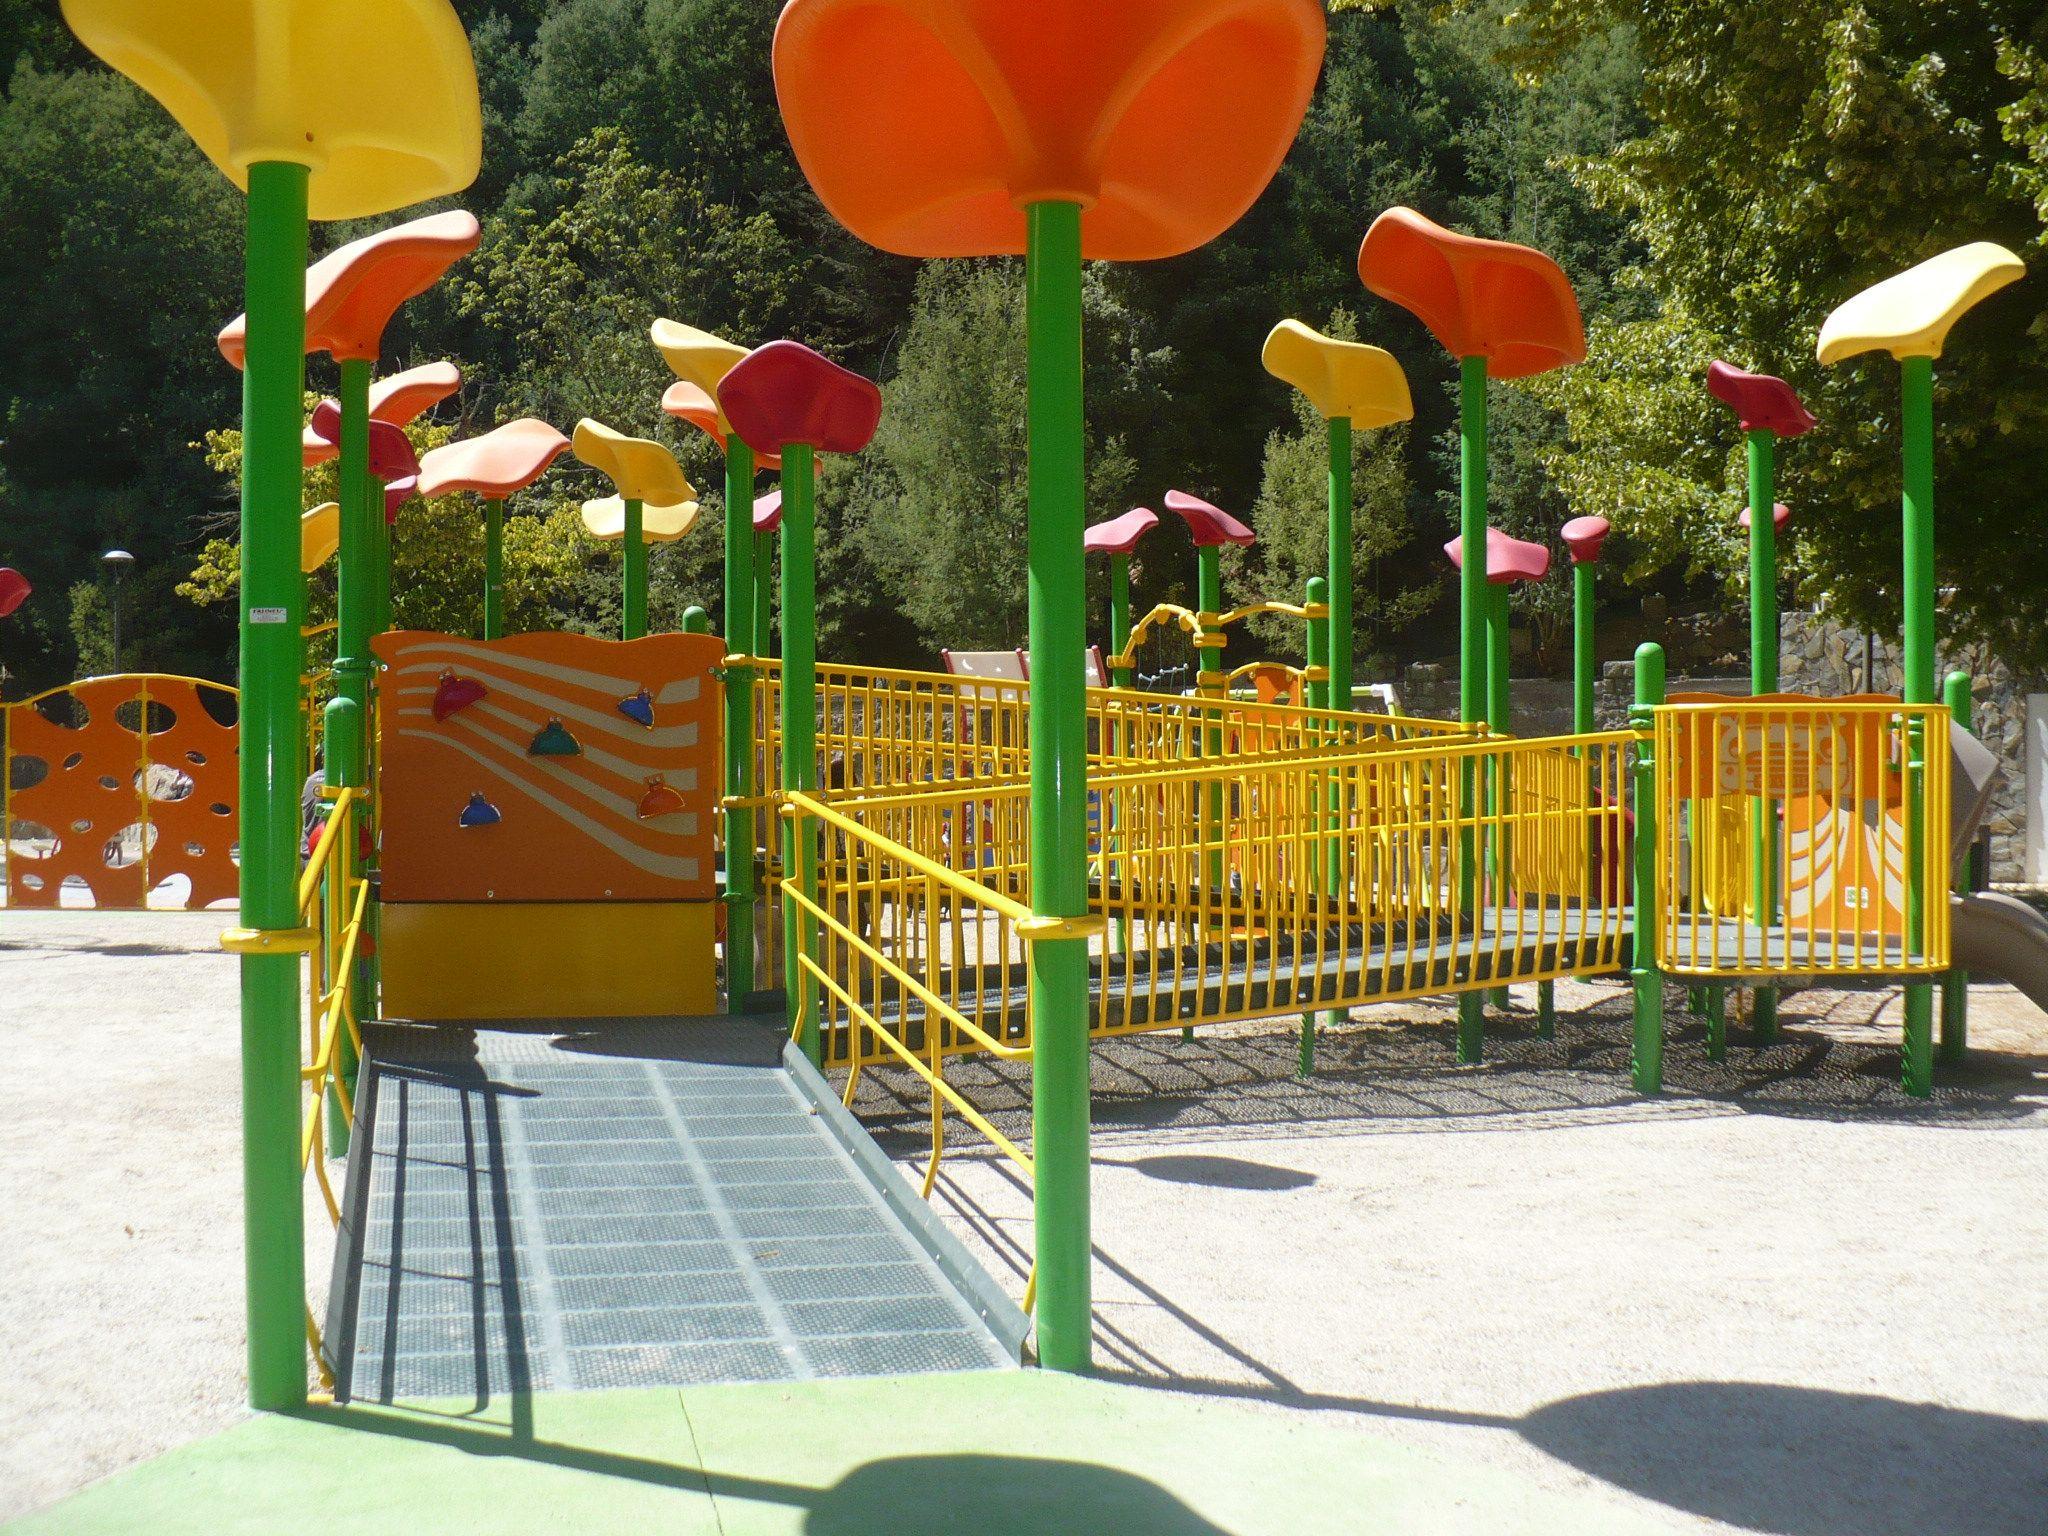 El Primer Parque Inclusivo En Teleton Chile Completamente Adaptado